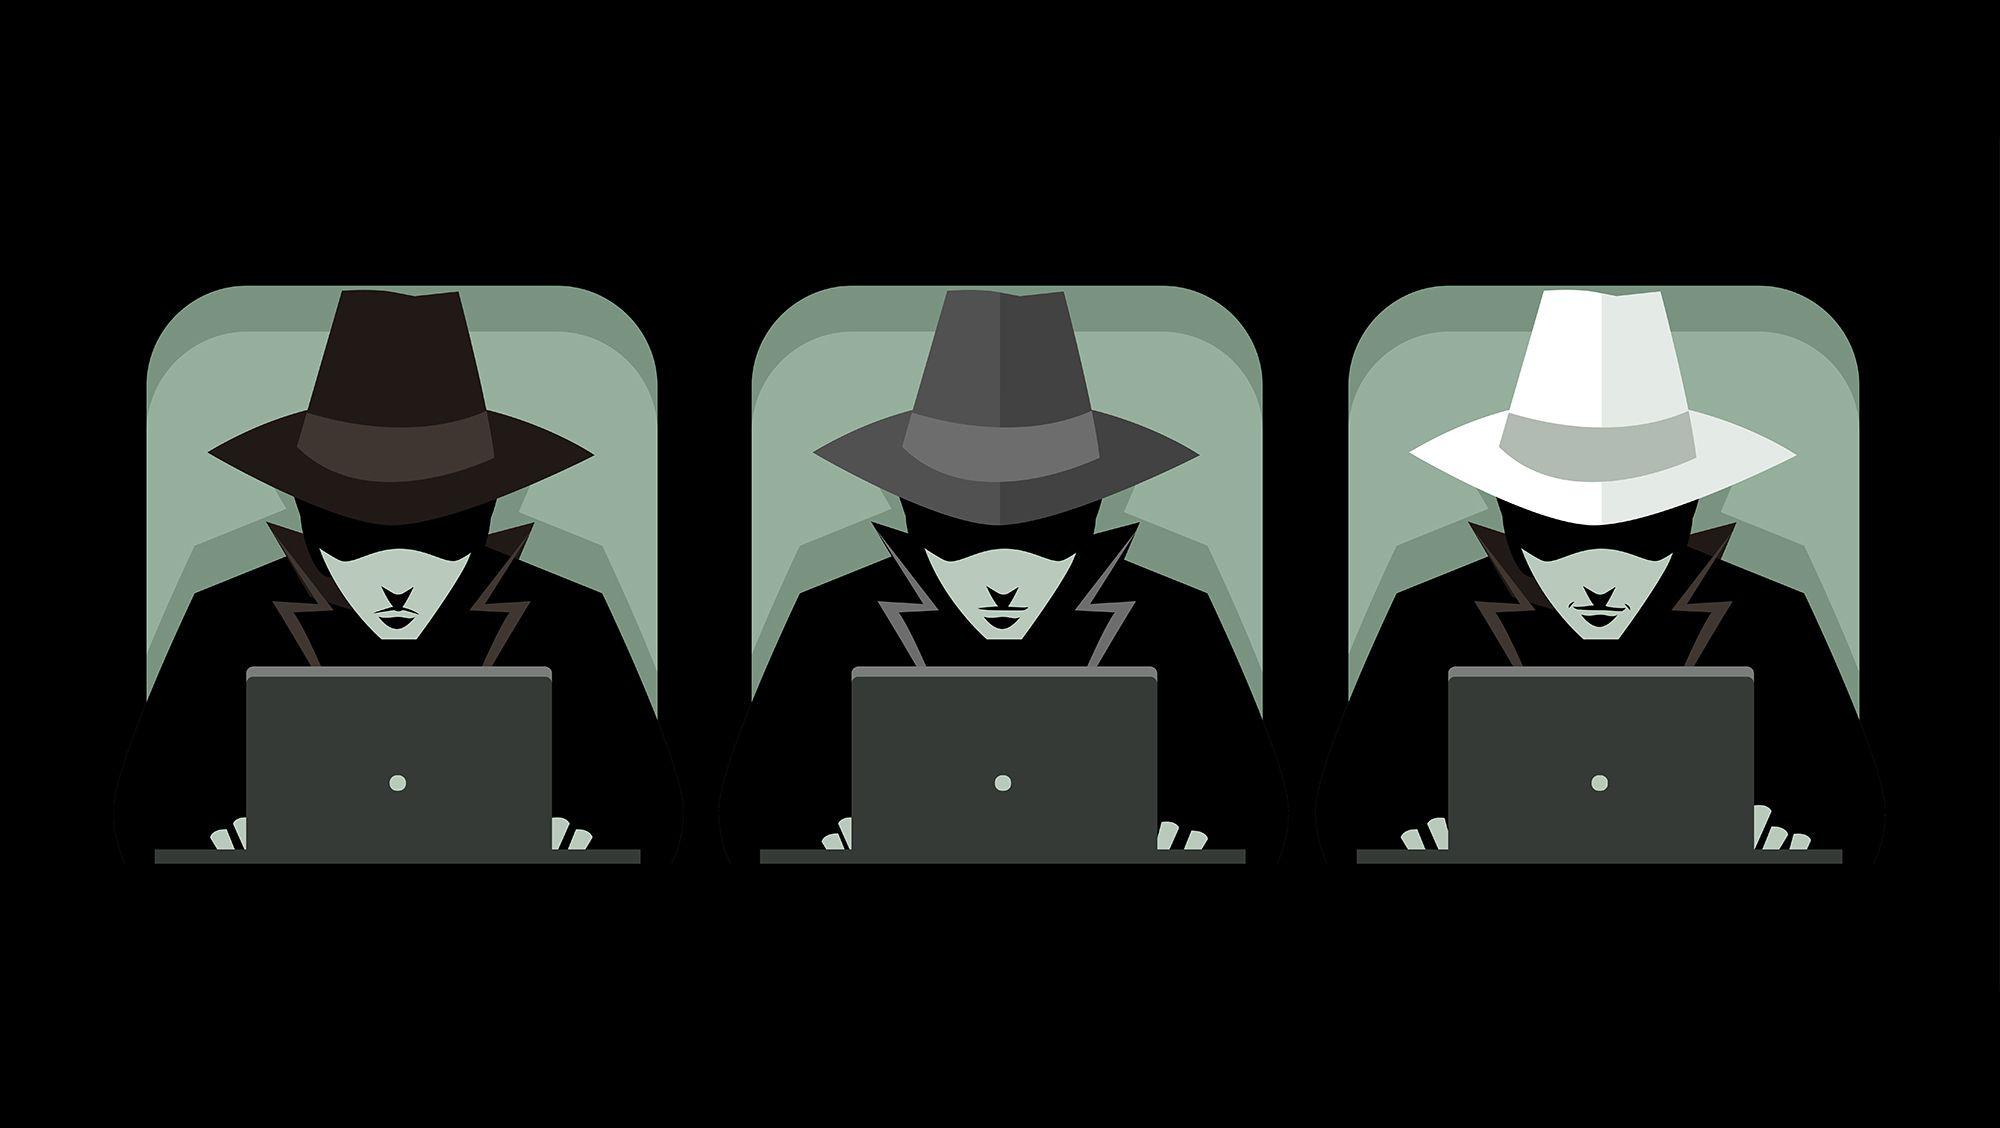 HackerWhiteHat